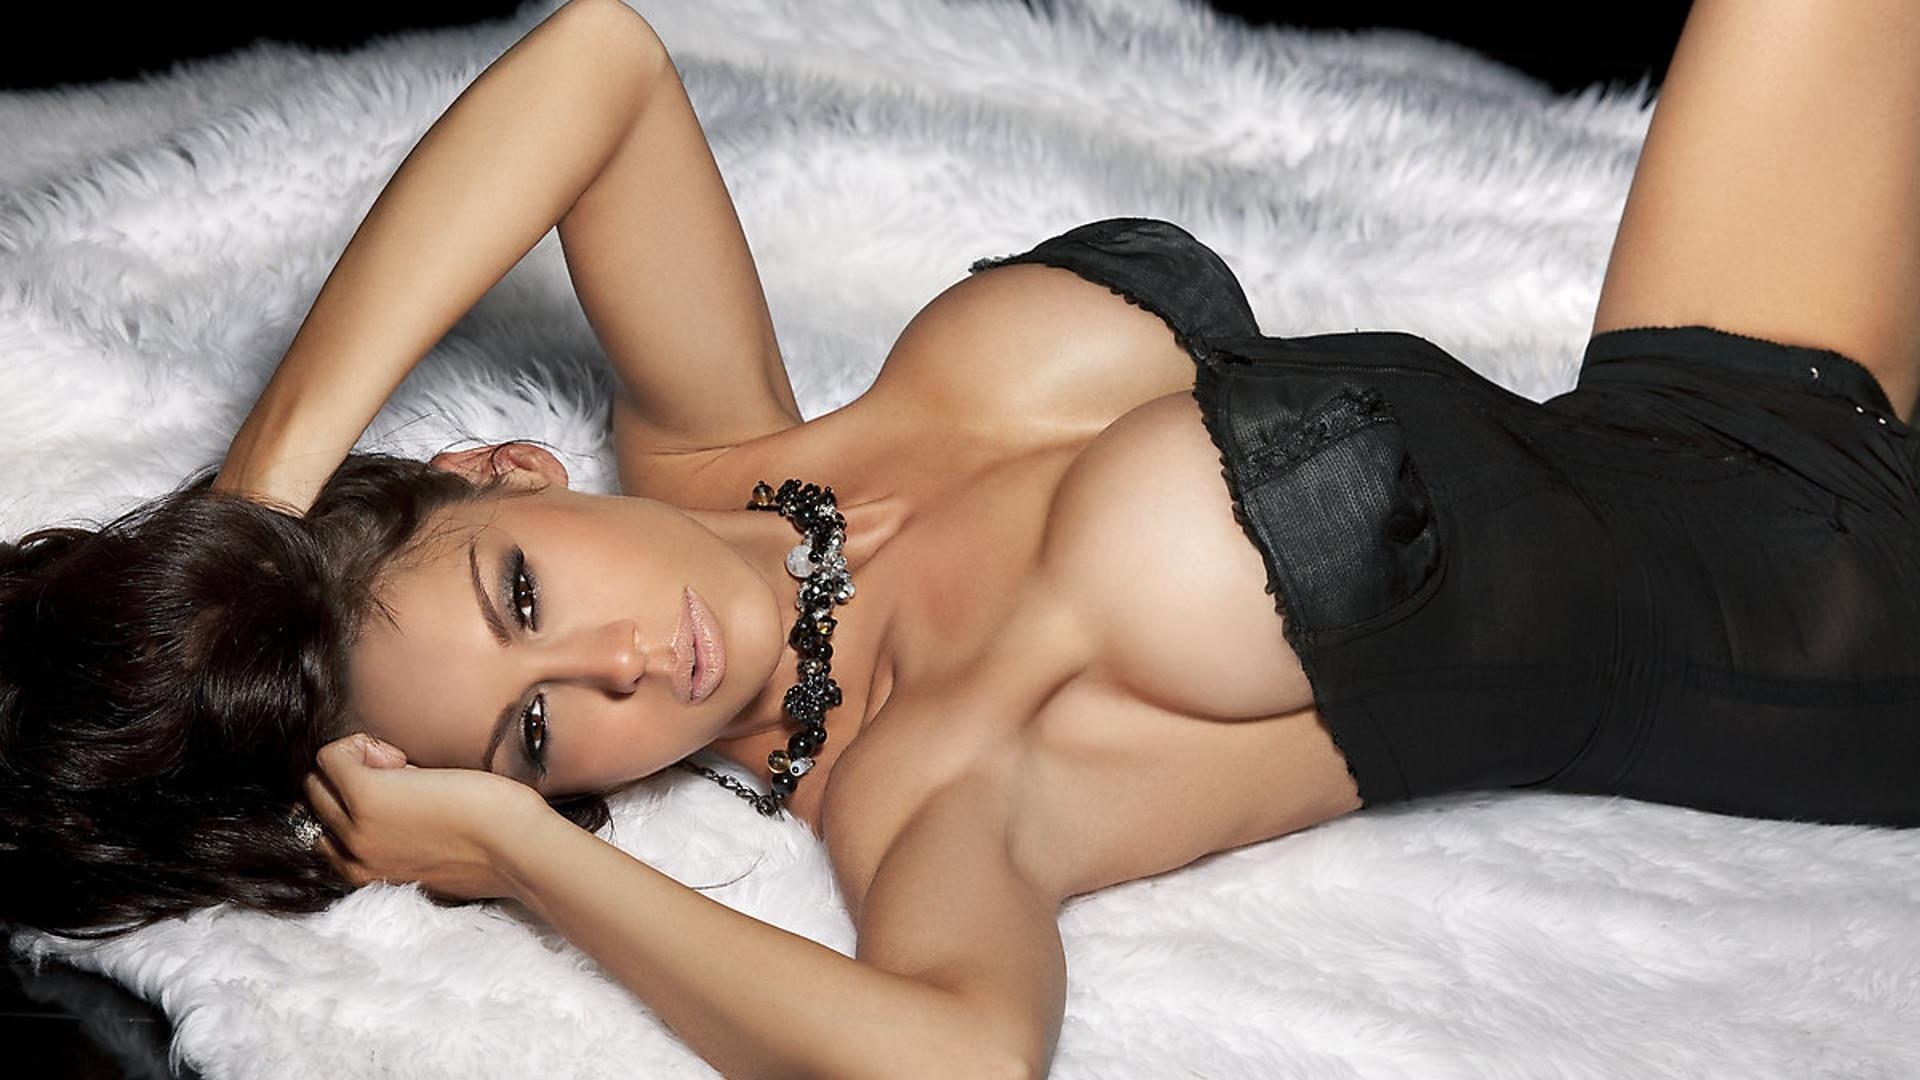 Фото молодых девушек с голой секси грудью соблазн 21 фотография